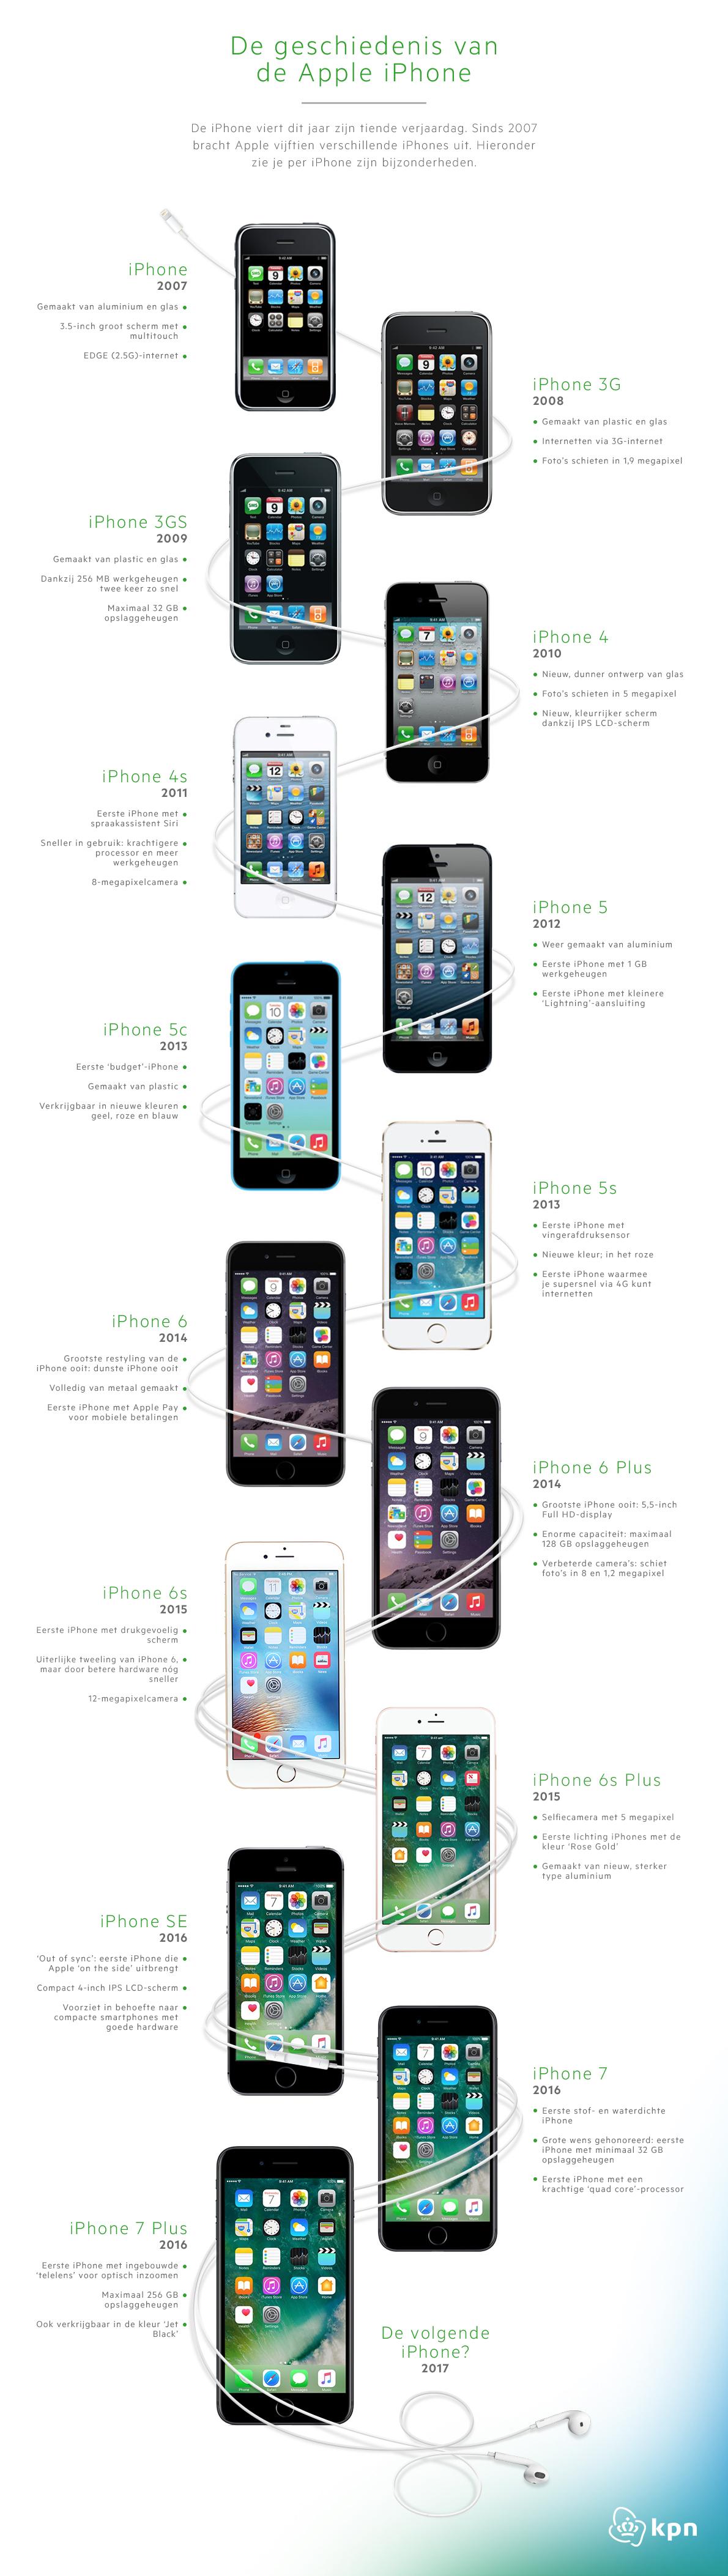 Geschiedenis van de iPhone